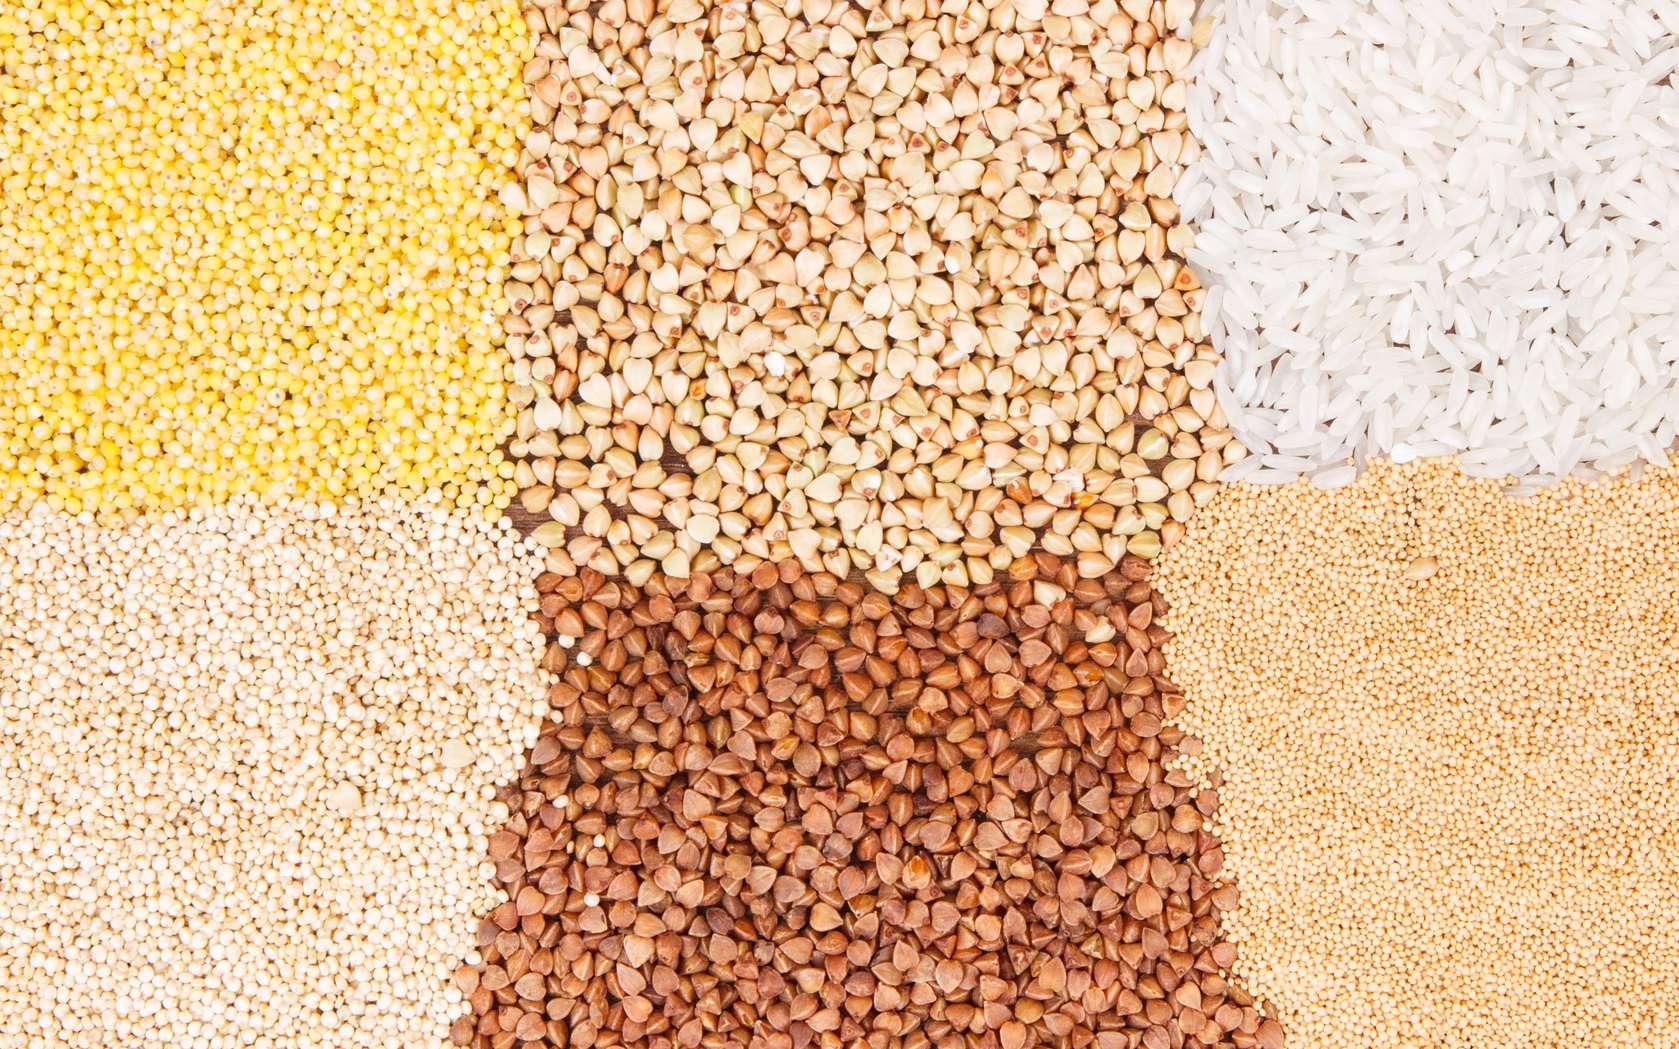 Les alternatives au blé pour un régime sans gluten. © ratmaner, Fotolia